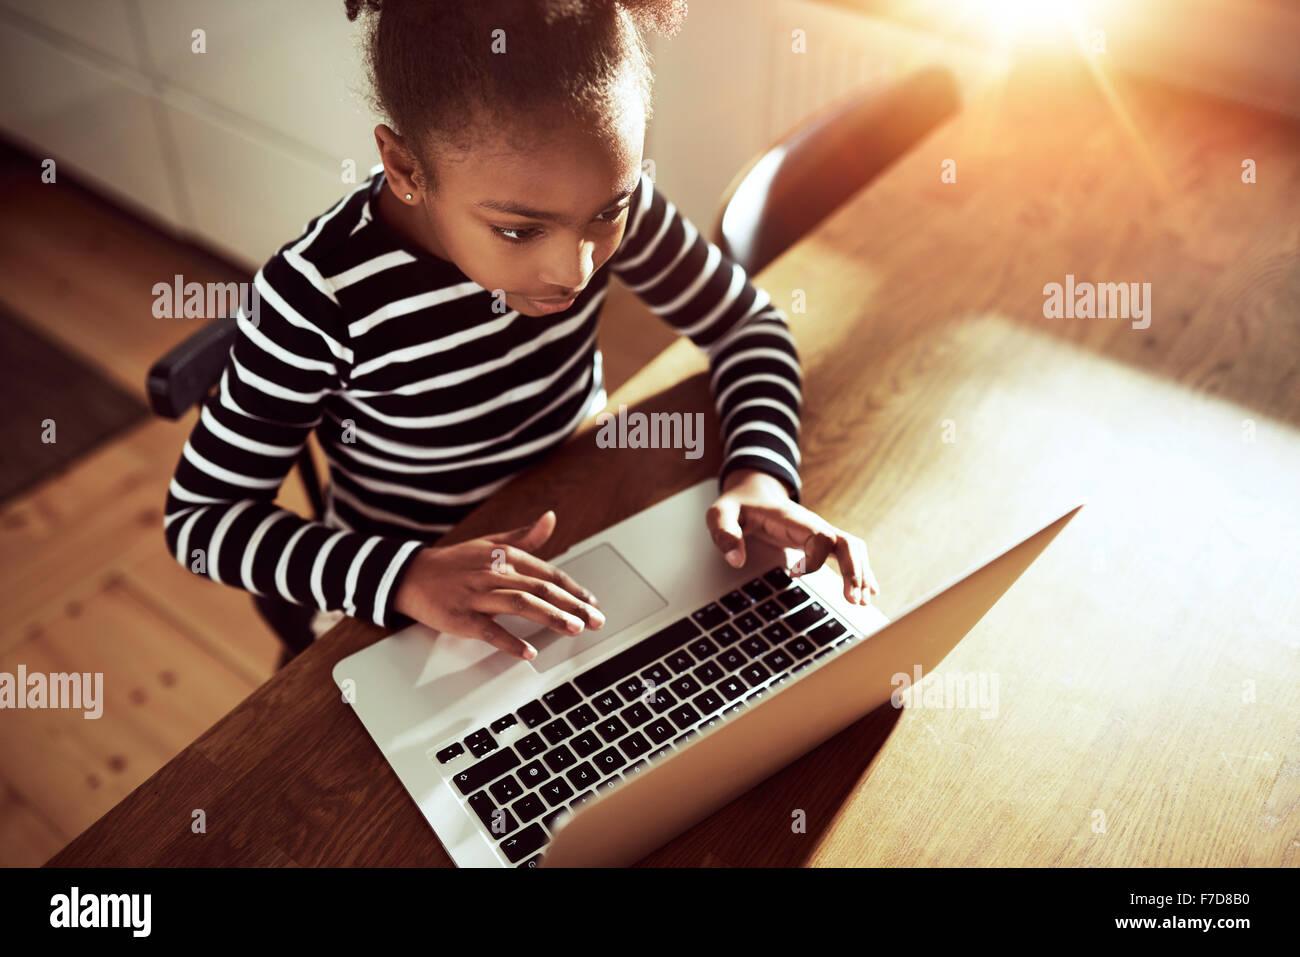 Angolo di alta vista da sopra di un simpatico giovane ragazza africana per navigare sul web in un computer portatile Immagini Stock